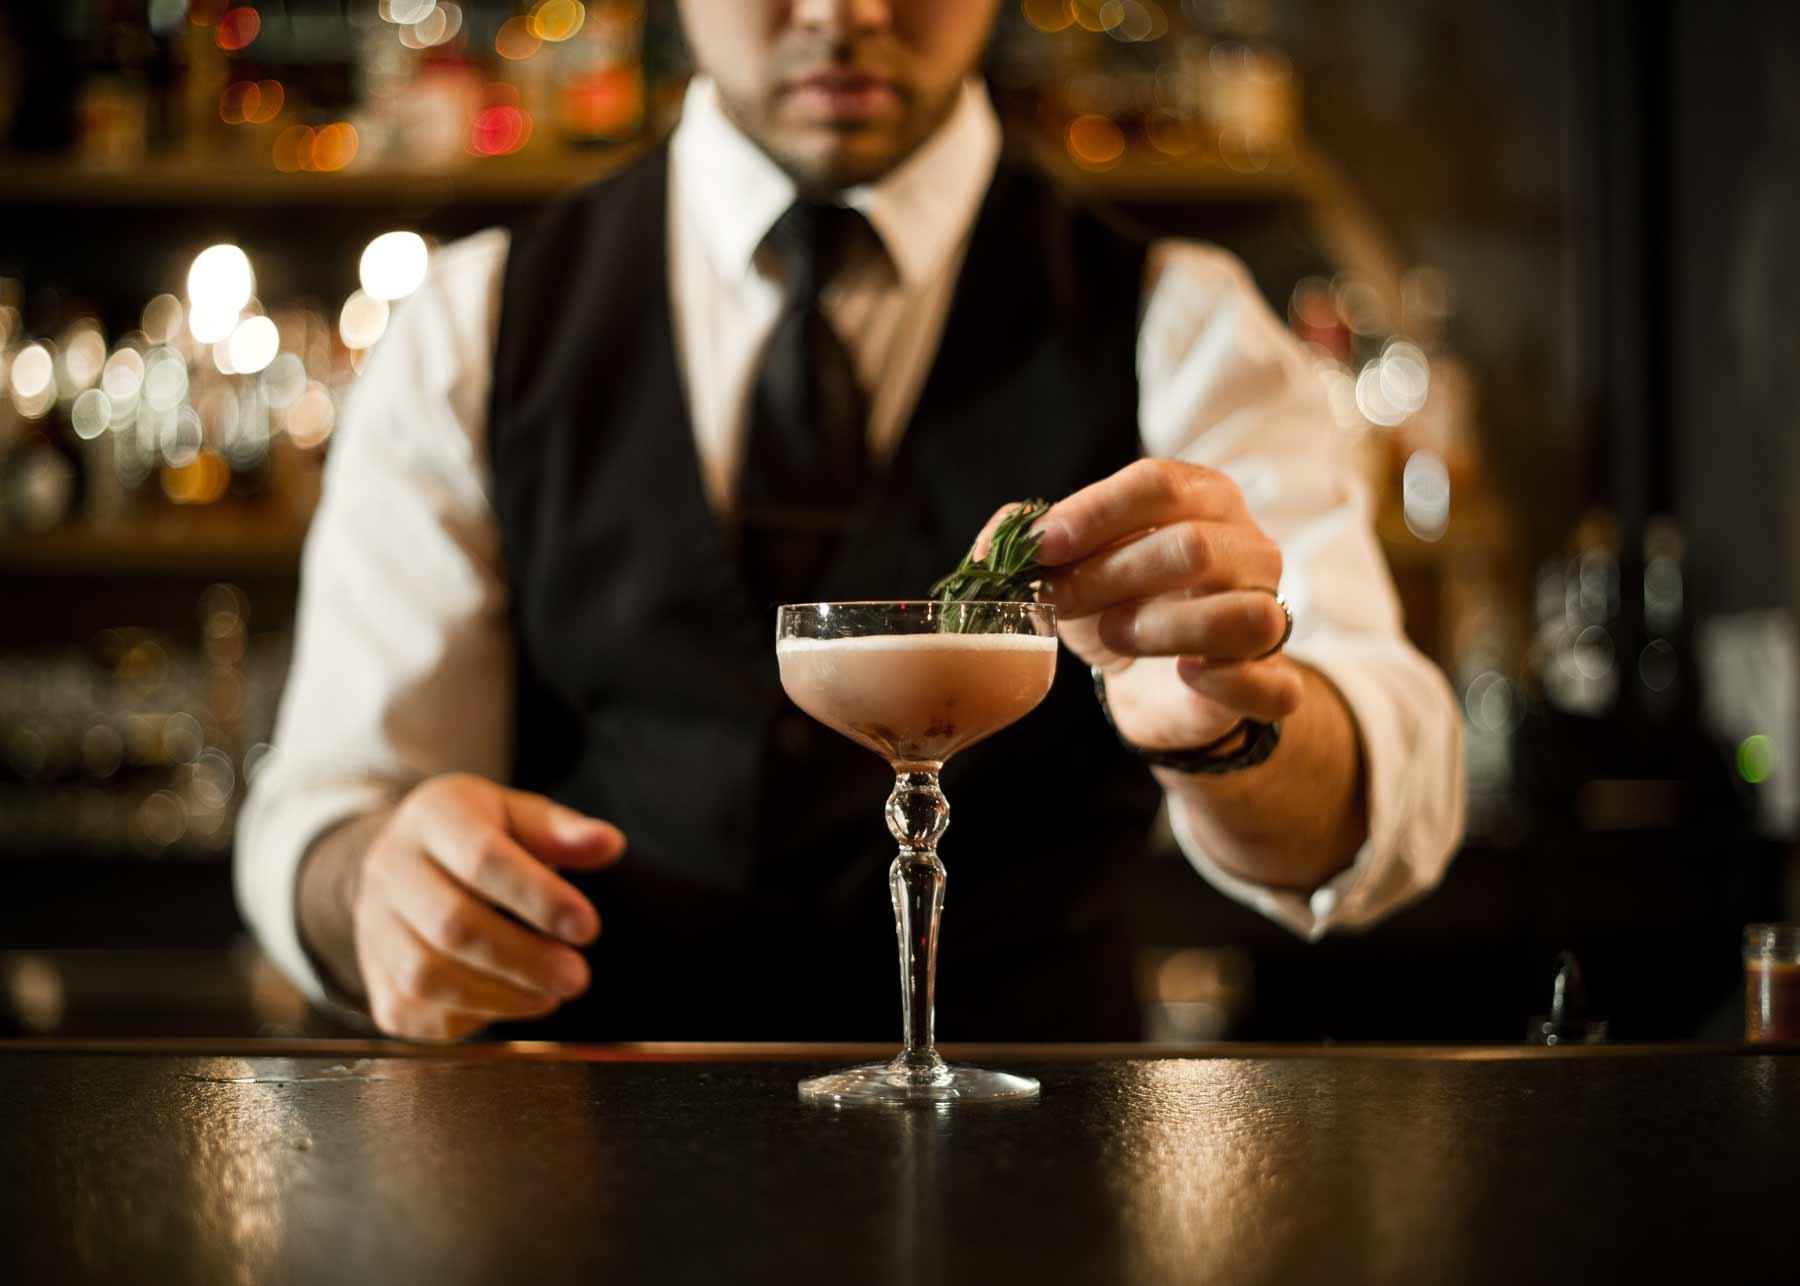 Bartender making a drink at Dockum speakeasy in Wichita